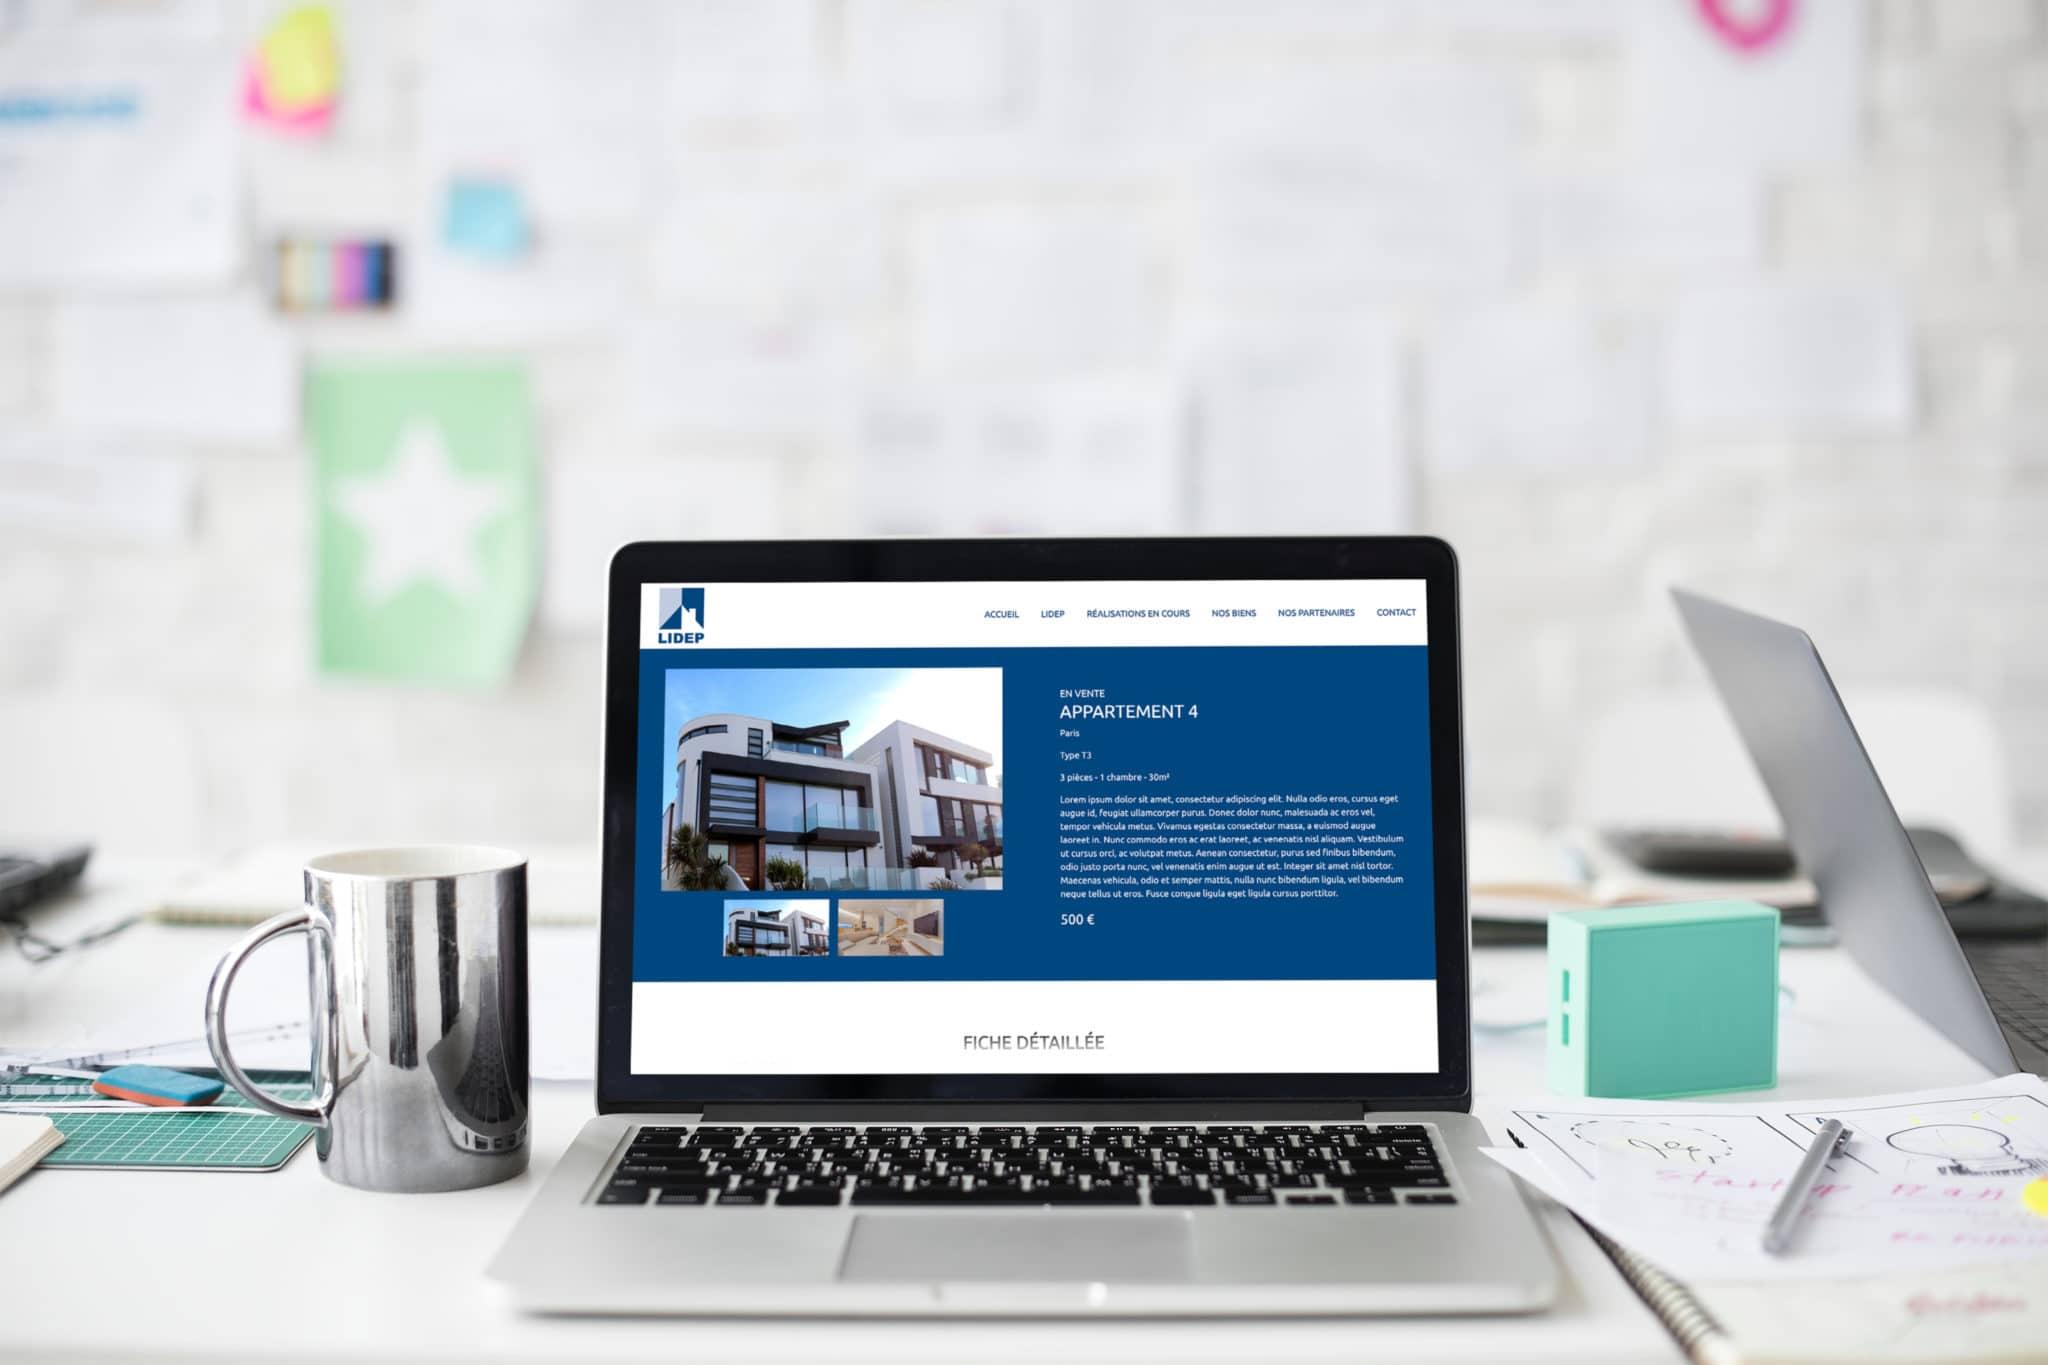 Mise en situation d'une fiche de présentation d'un bien immobilier dans un écran d'ordinateur